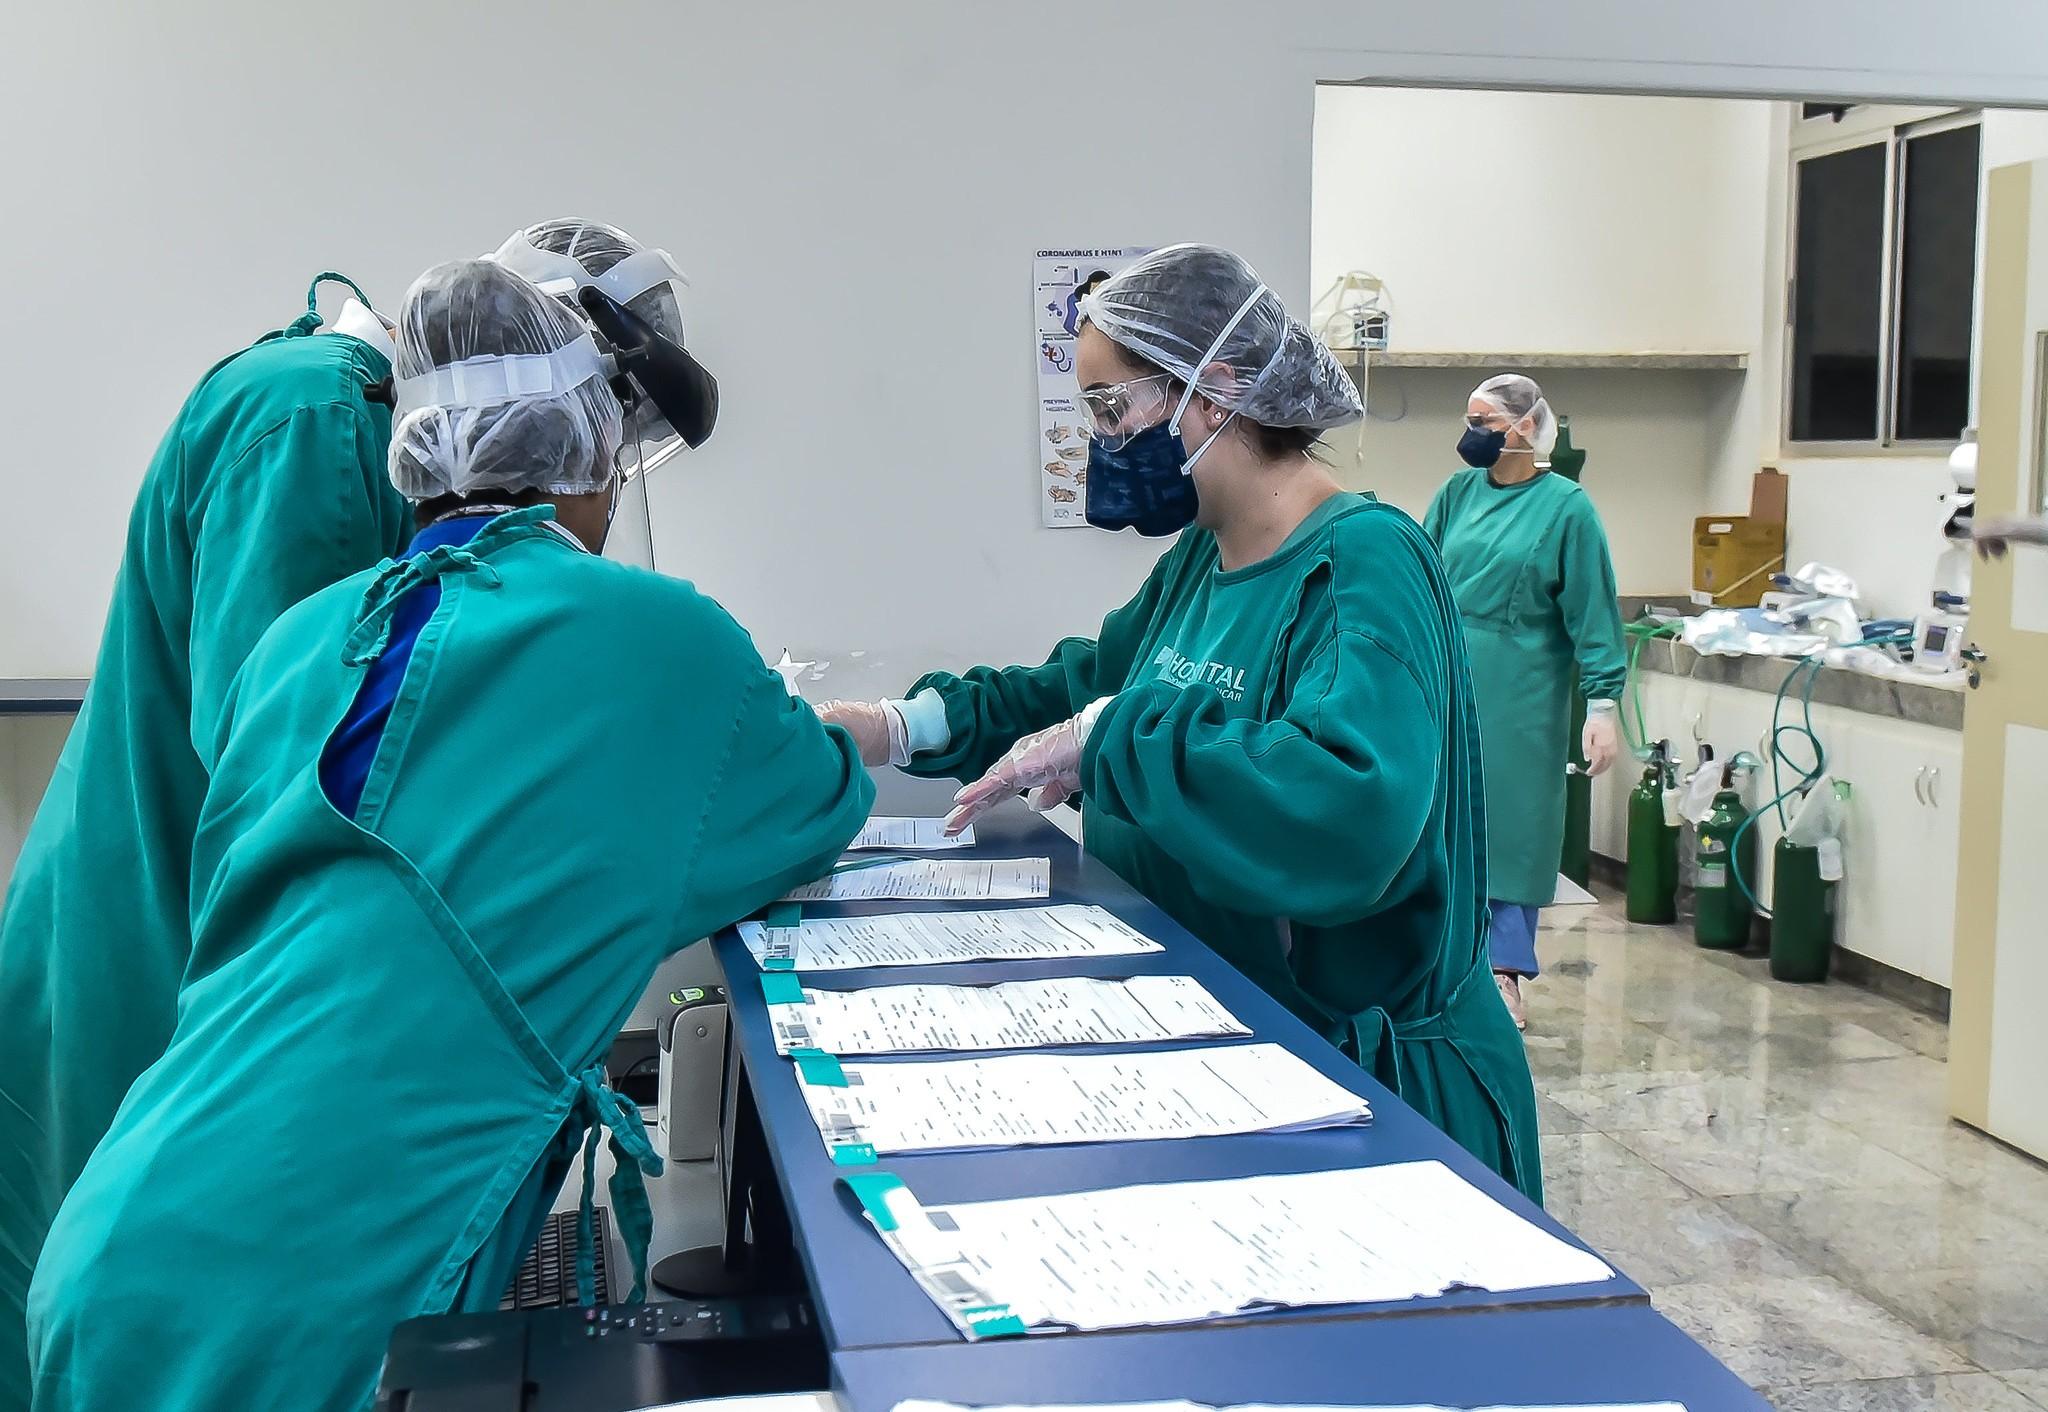 Pacientes de Manaus internados em Uberaba fazem exames para identificar cepa do vírus